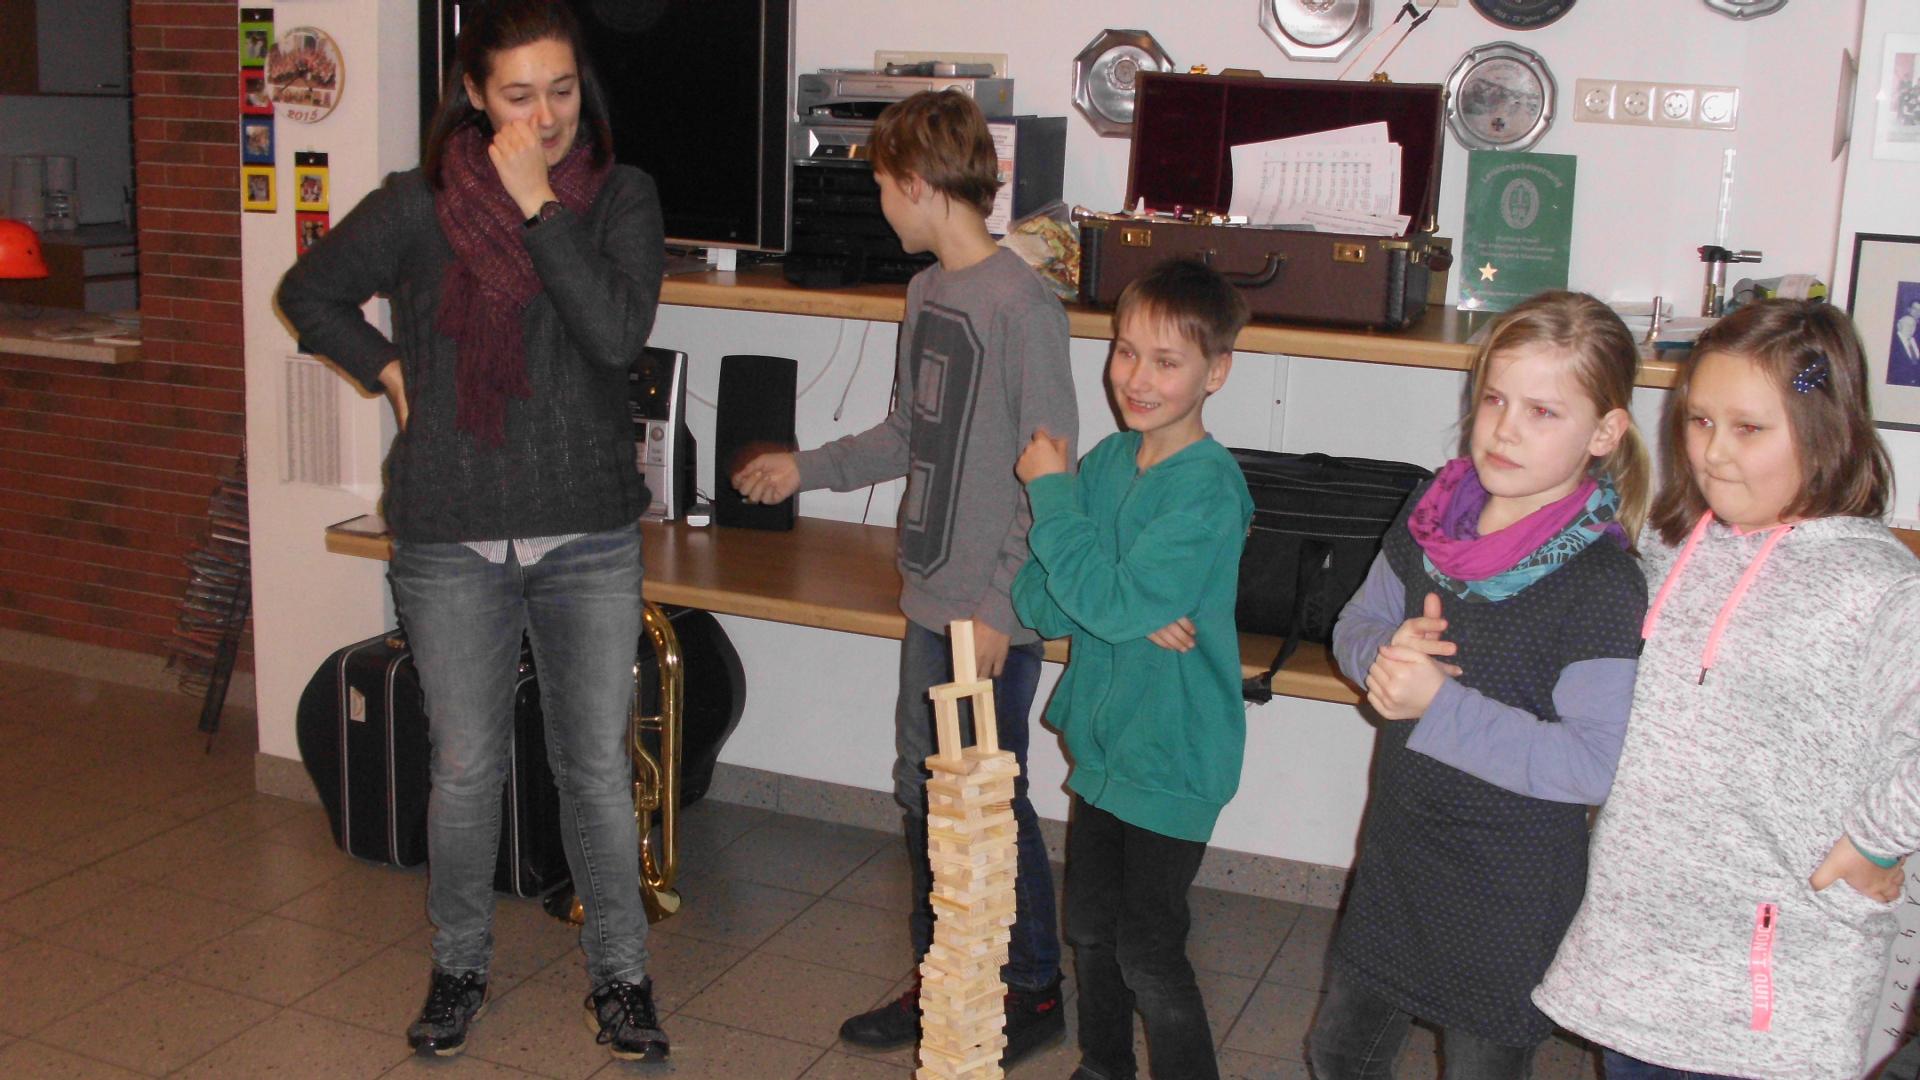 Unsere junge Truppe baute den schiefen Turm von Pisa nach